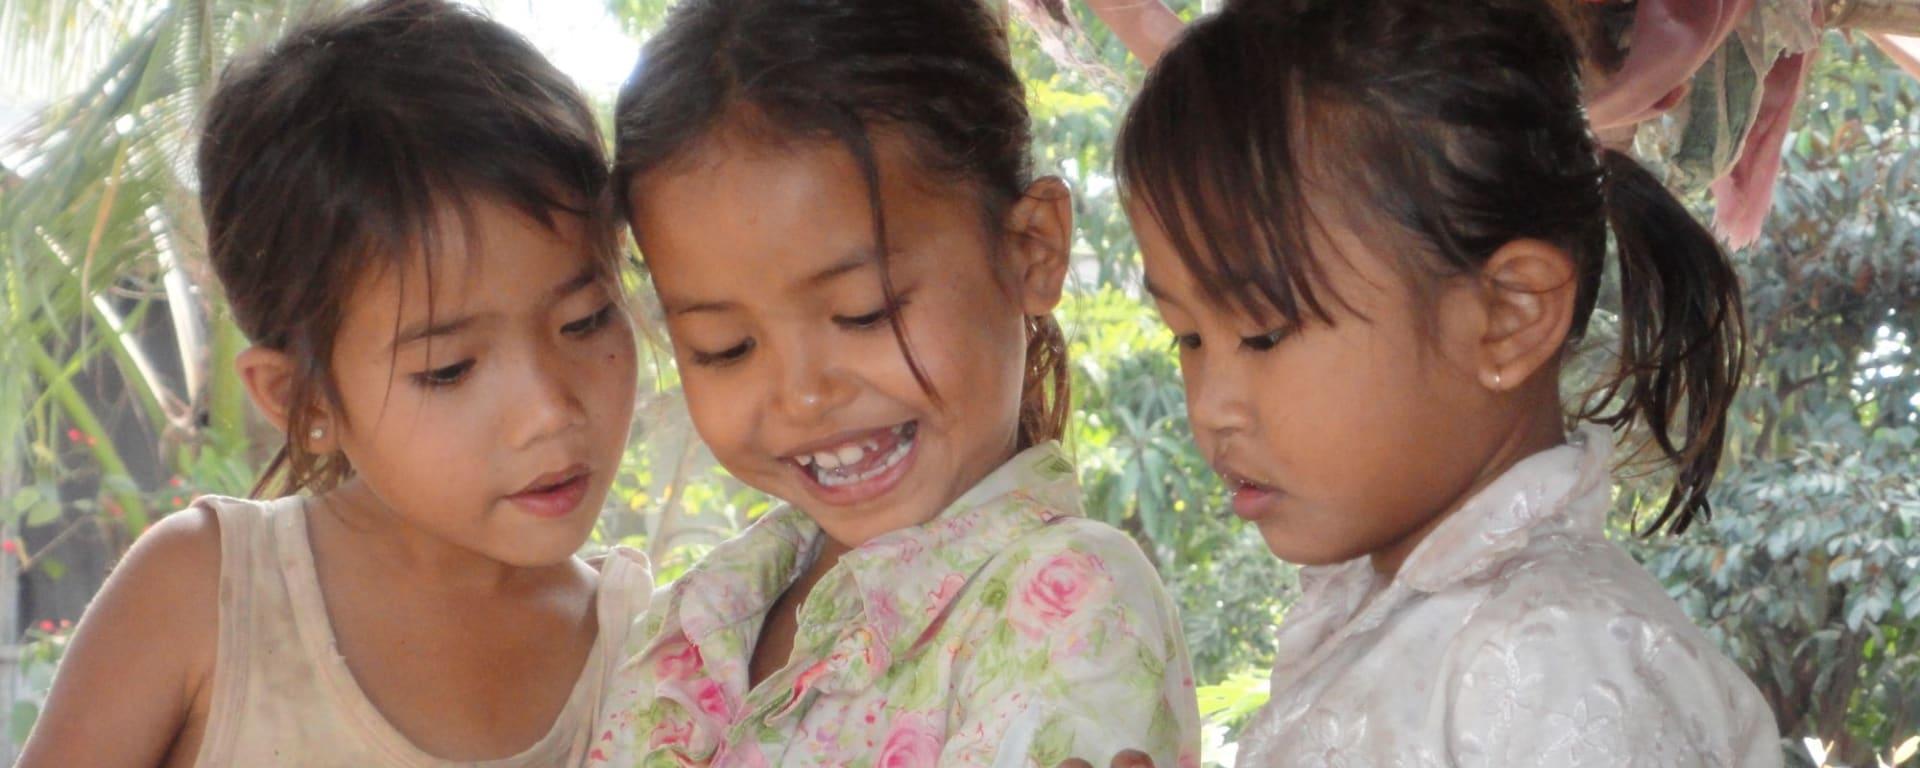 Tour à vélo sur l'île de Koh Dach sur le Mékong à Phnom Penh: Cambodian Girls